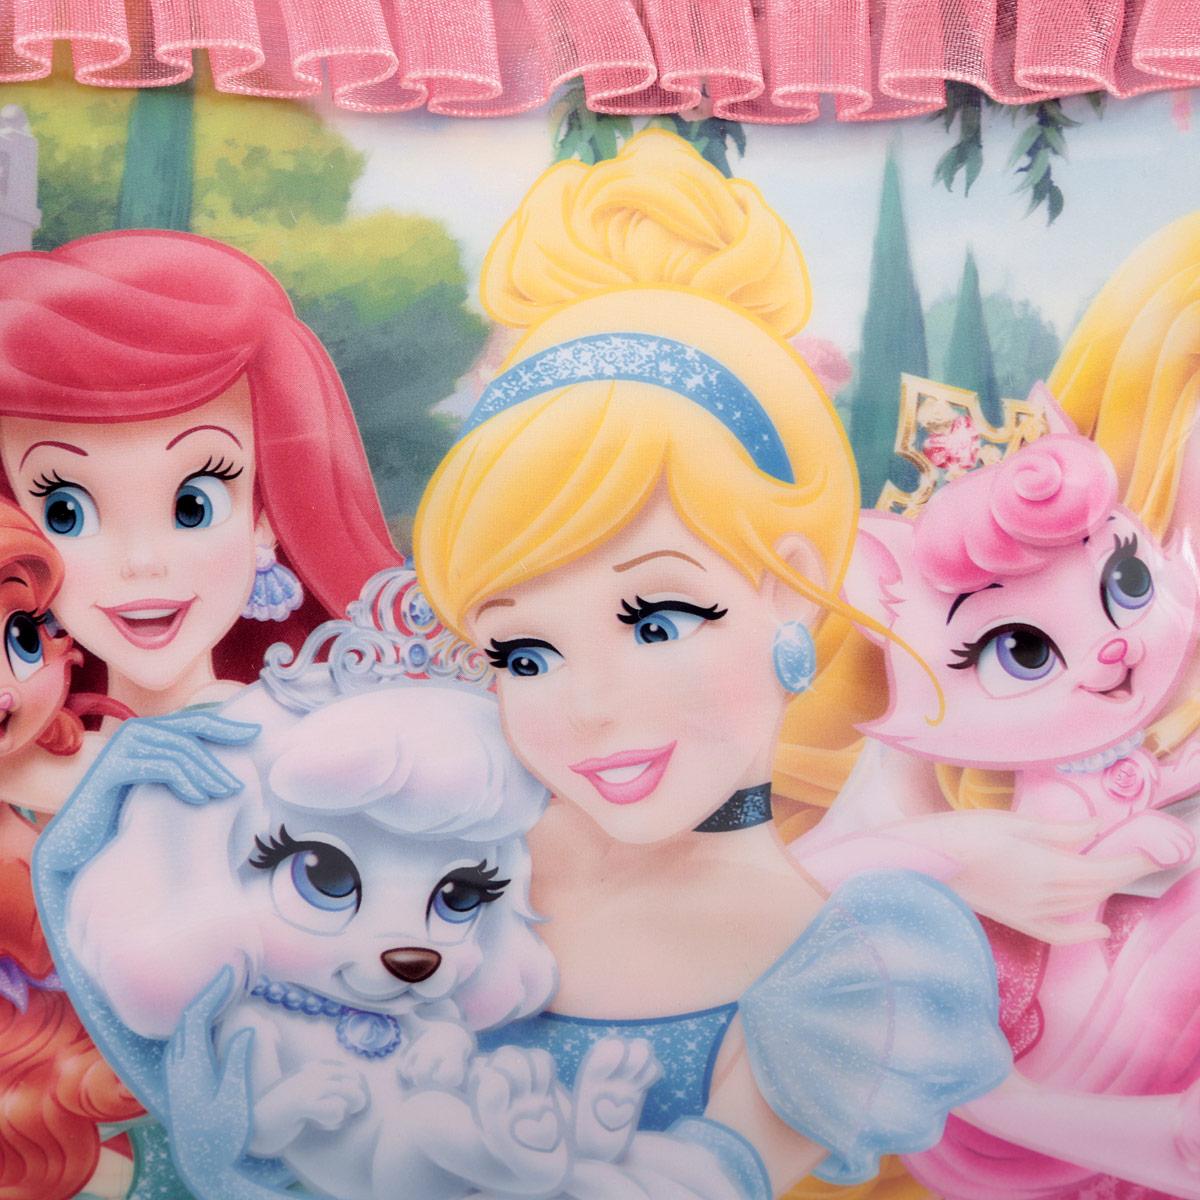 Детская сумочка Princess - это модный аксессуар для юной поклонницы популярного мультсериала . Сумочка выполнена из прочного материала ярко-розового цвета и оформлена с лицевой стороны аппликацией из ПВХ с изображением трех принцесс и обрамлена текстильной рюшкой. Сумочка содержит одно отделение и закрывается с помощью застежки-молнии. Сумочка оснащена не регулируемыми ручками для переноски в руке.  Порадуйте свою малышку таким замечательным подарком!  Предназначено для детей 7-10 лет.